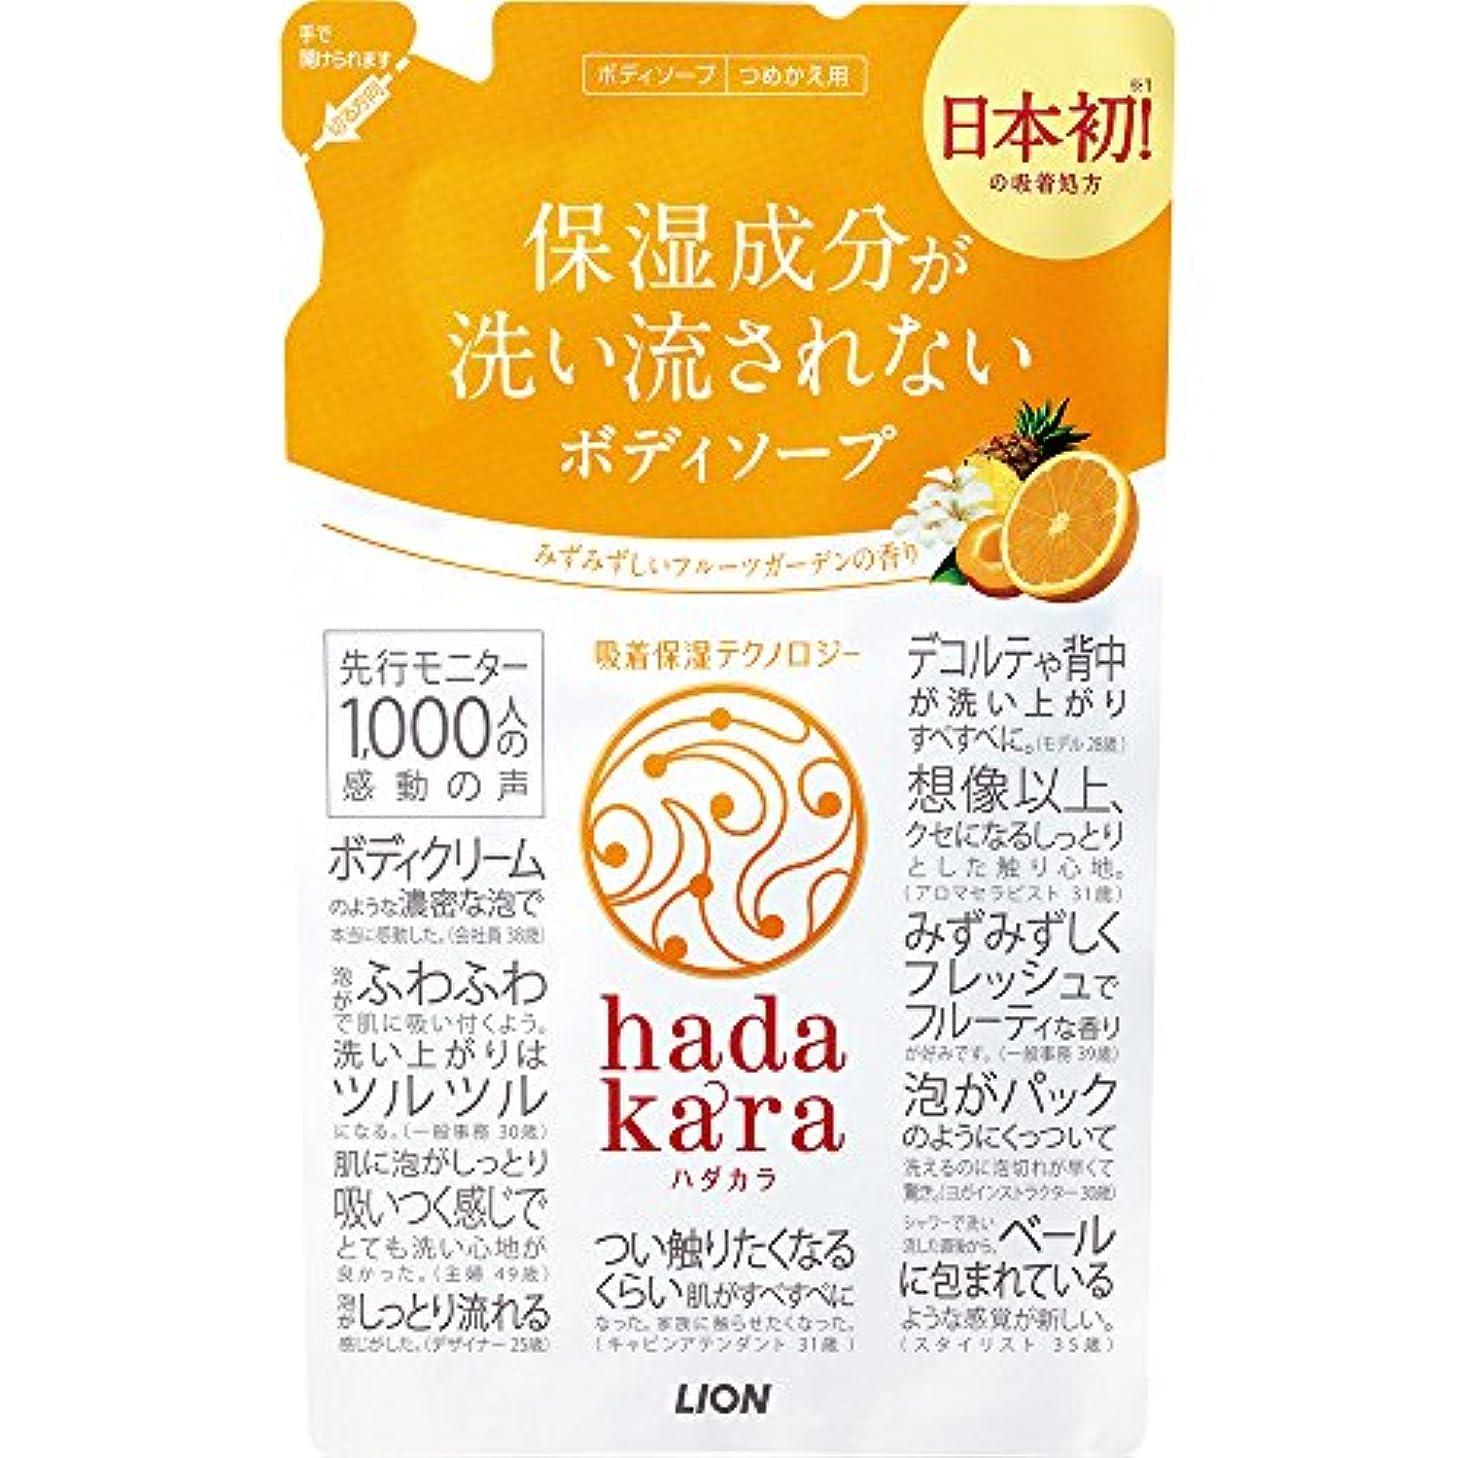 ナインへ聴覚タンザニアhadakara(ハダカラ) ボディソープ フルーツガーデンの香り 詰め替え 360ml